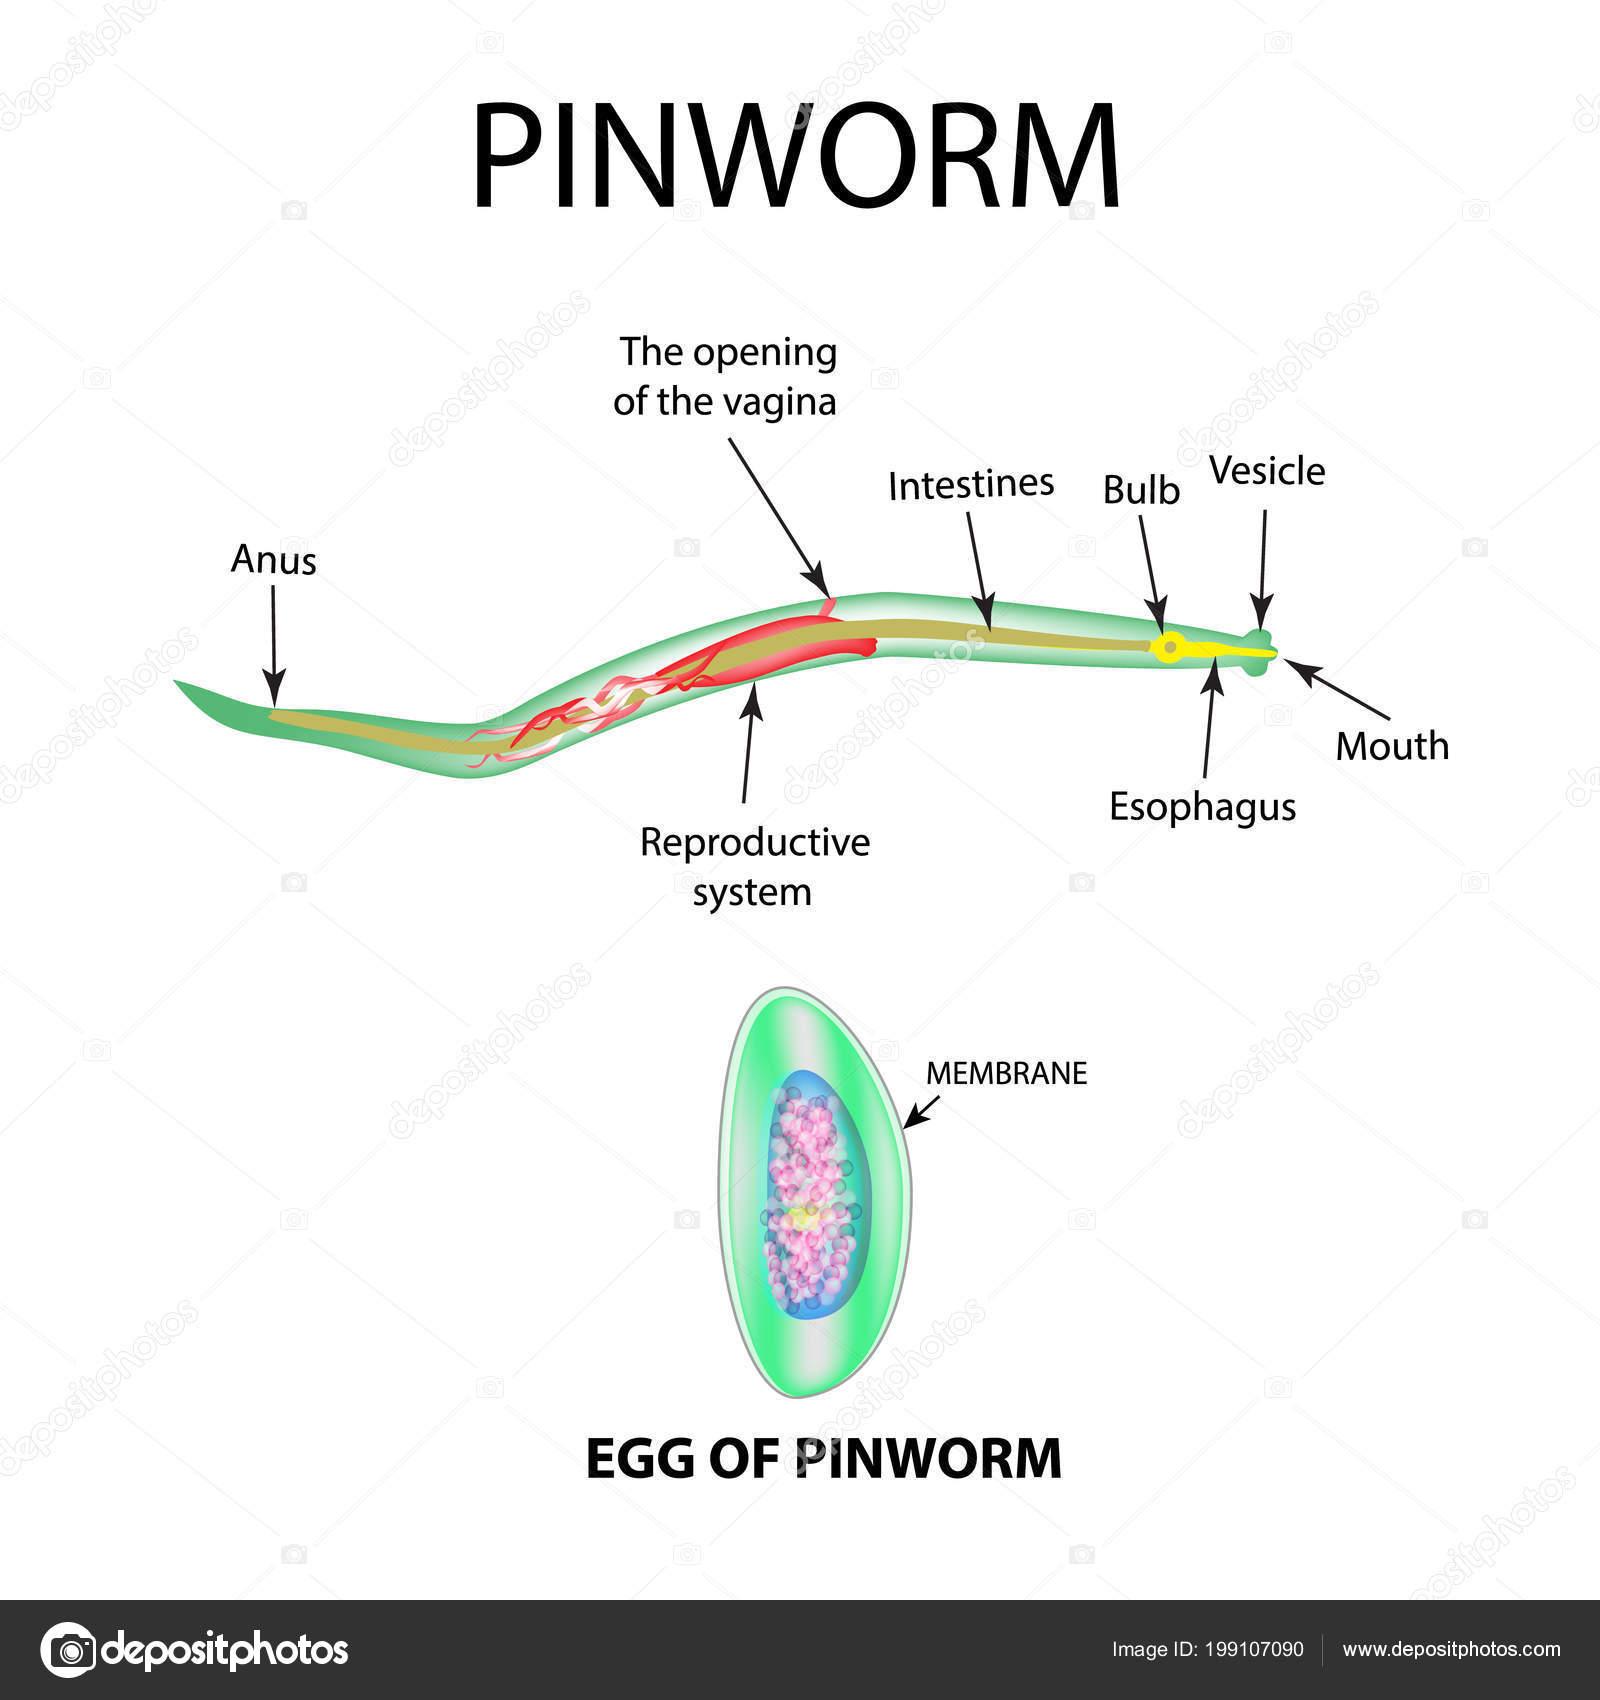 pinworm szerkezete bőr alatti férgek kezelésében